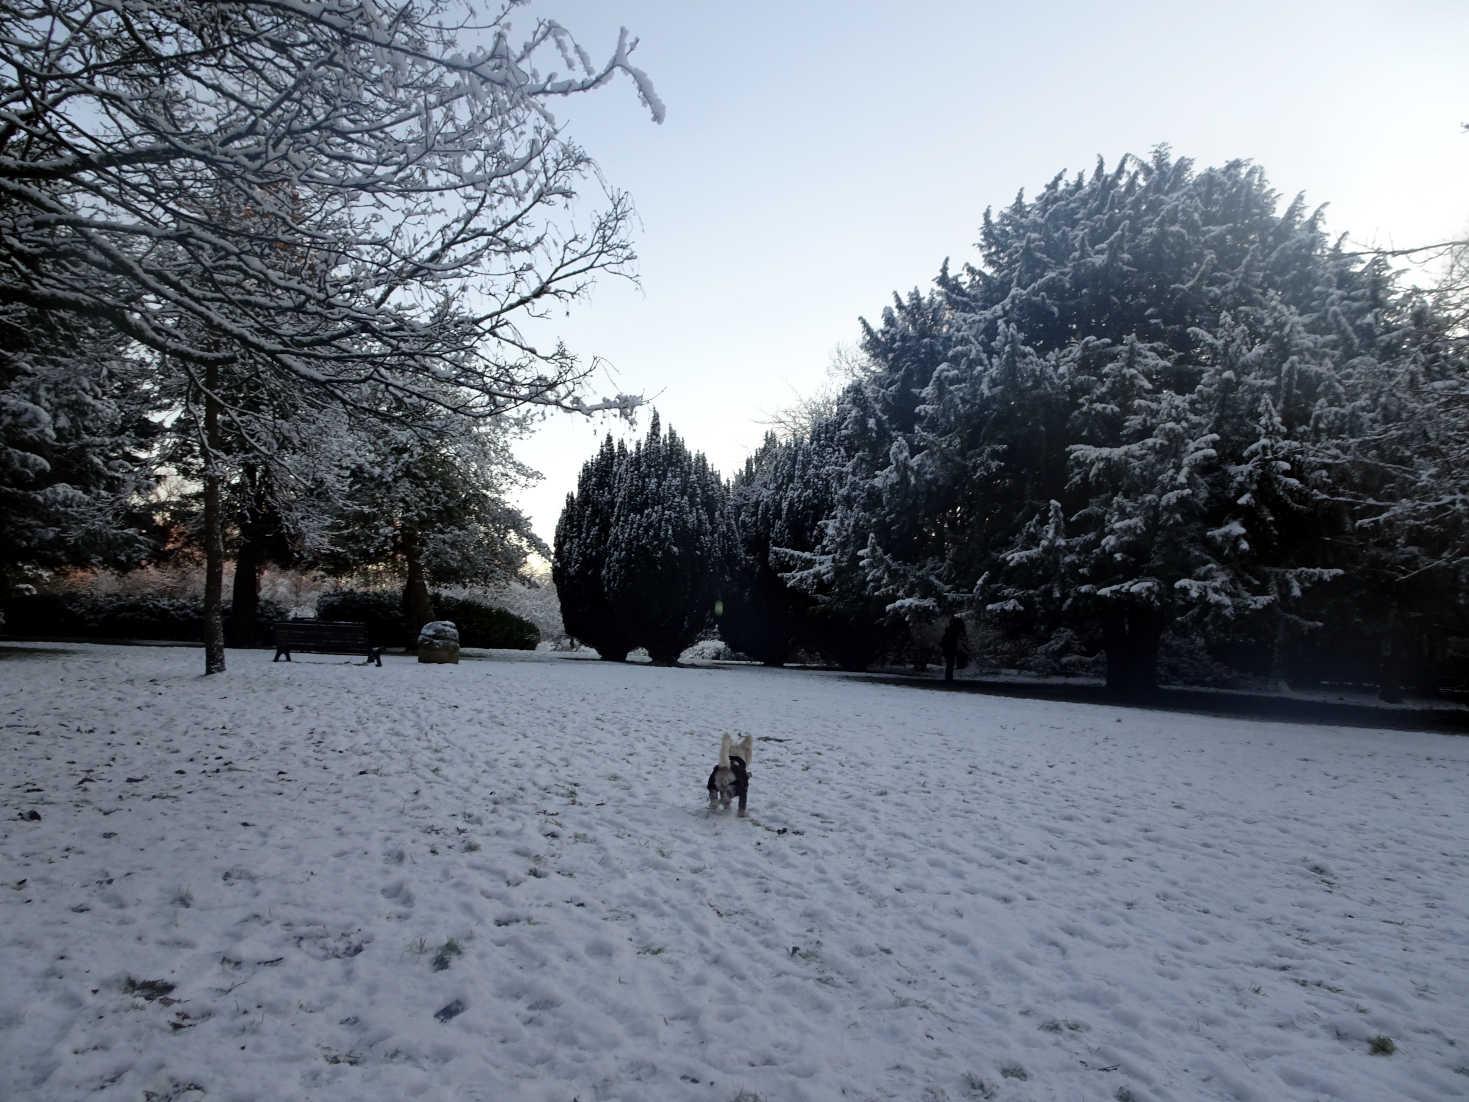 poppysocks hunting in the snow